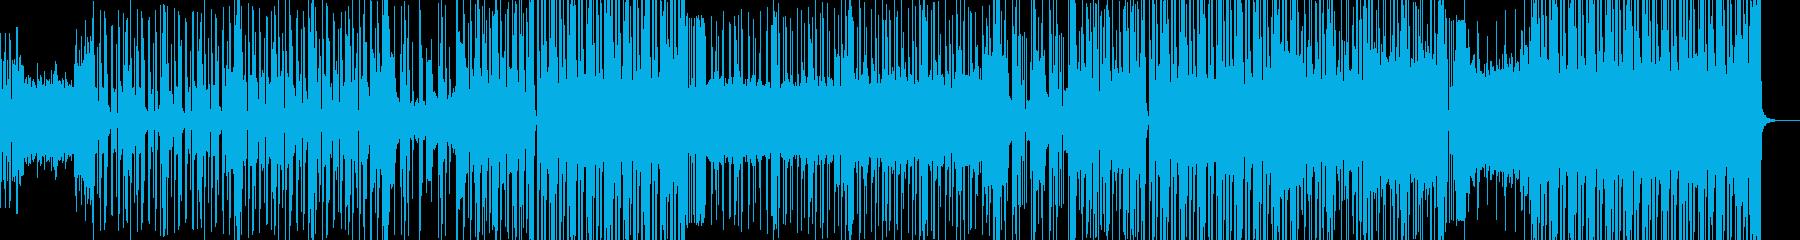 ブルーのLEDテイストのヒップホップの再生済みの波形